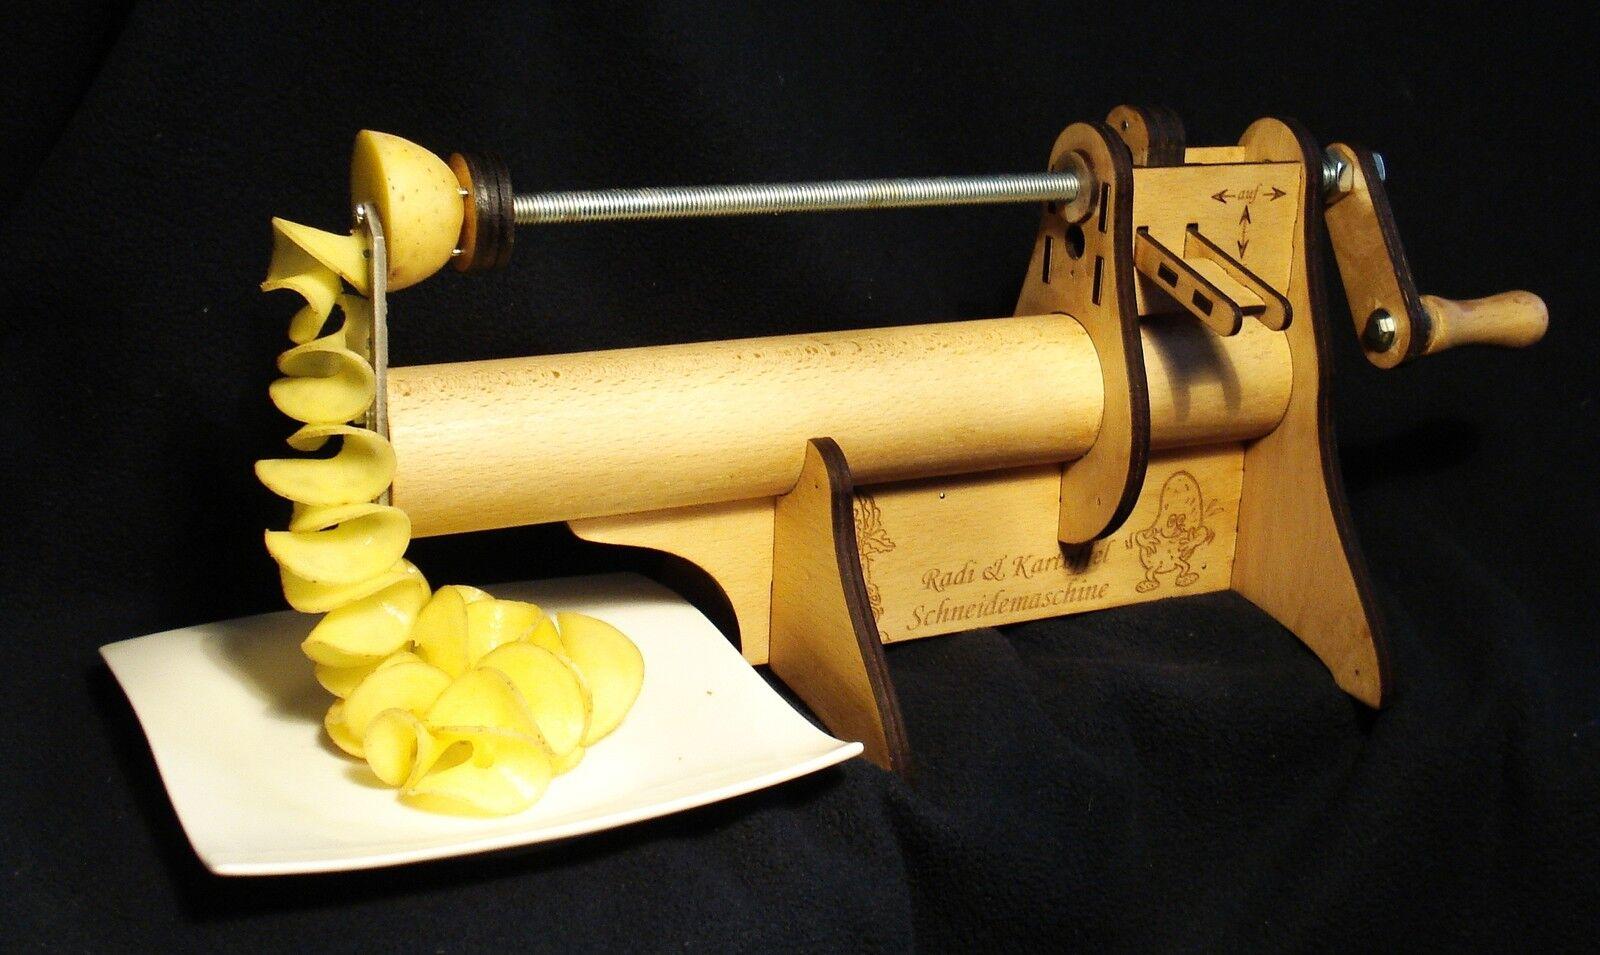 Radischneider, Spiral, Kartoffelschneider, Rettichschneider. Potato Slicer